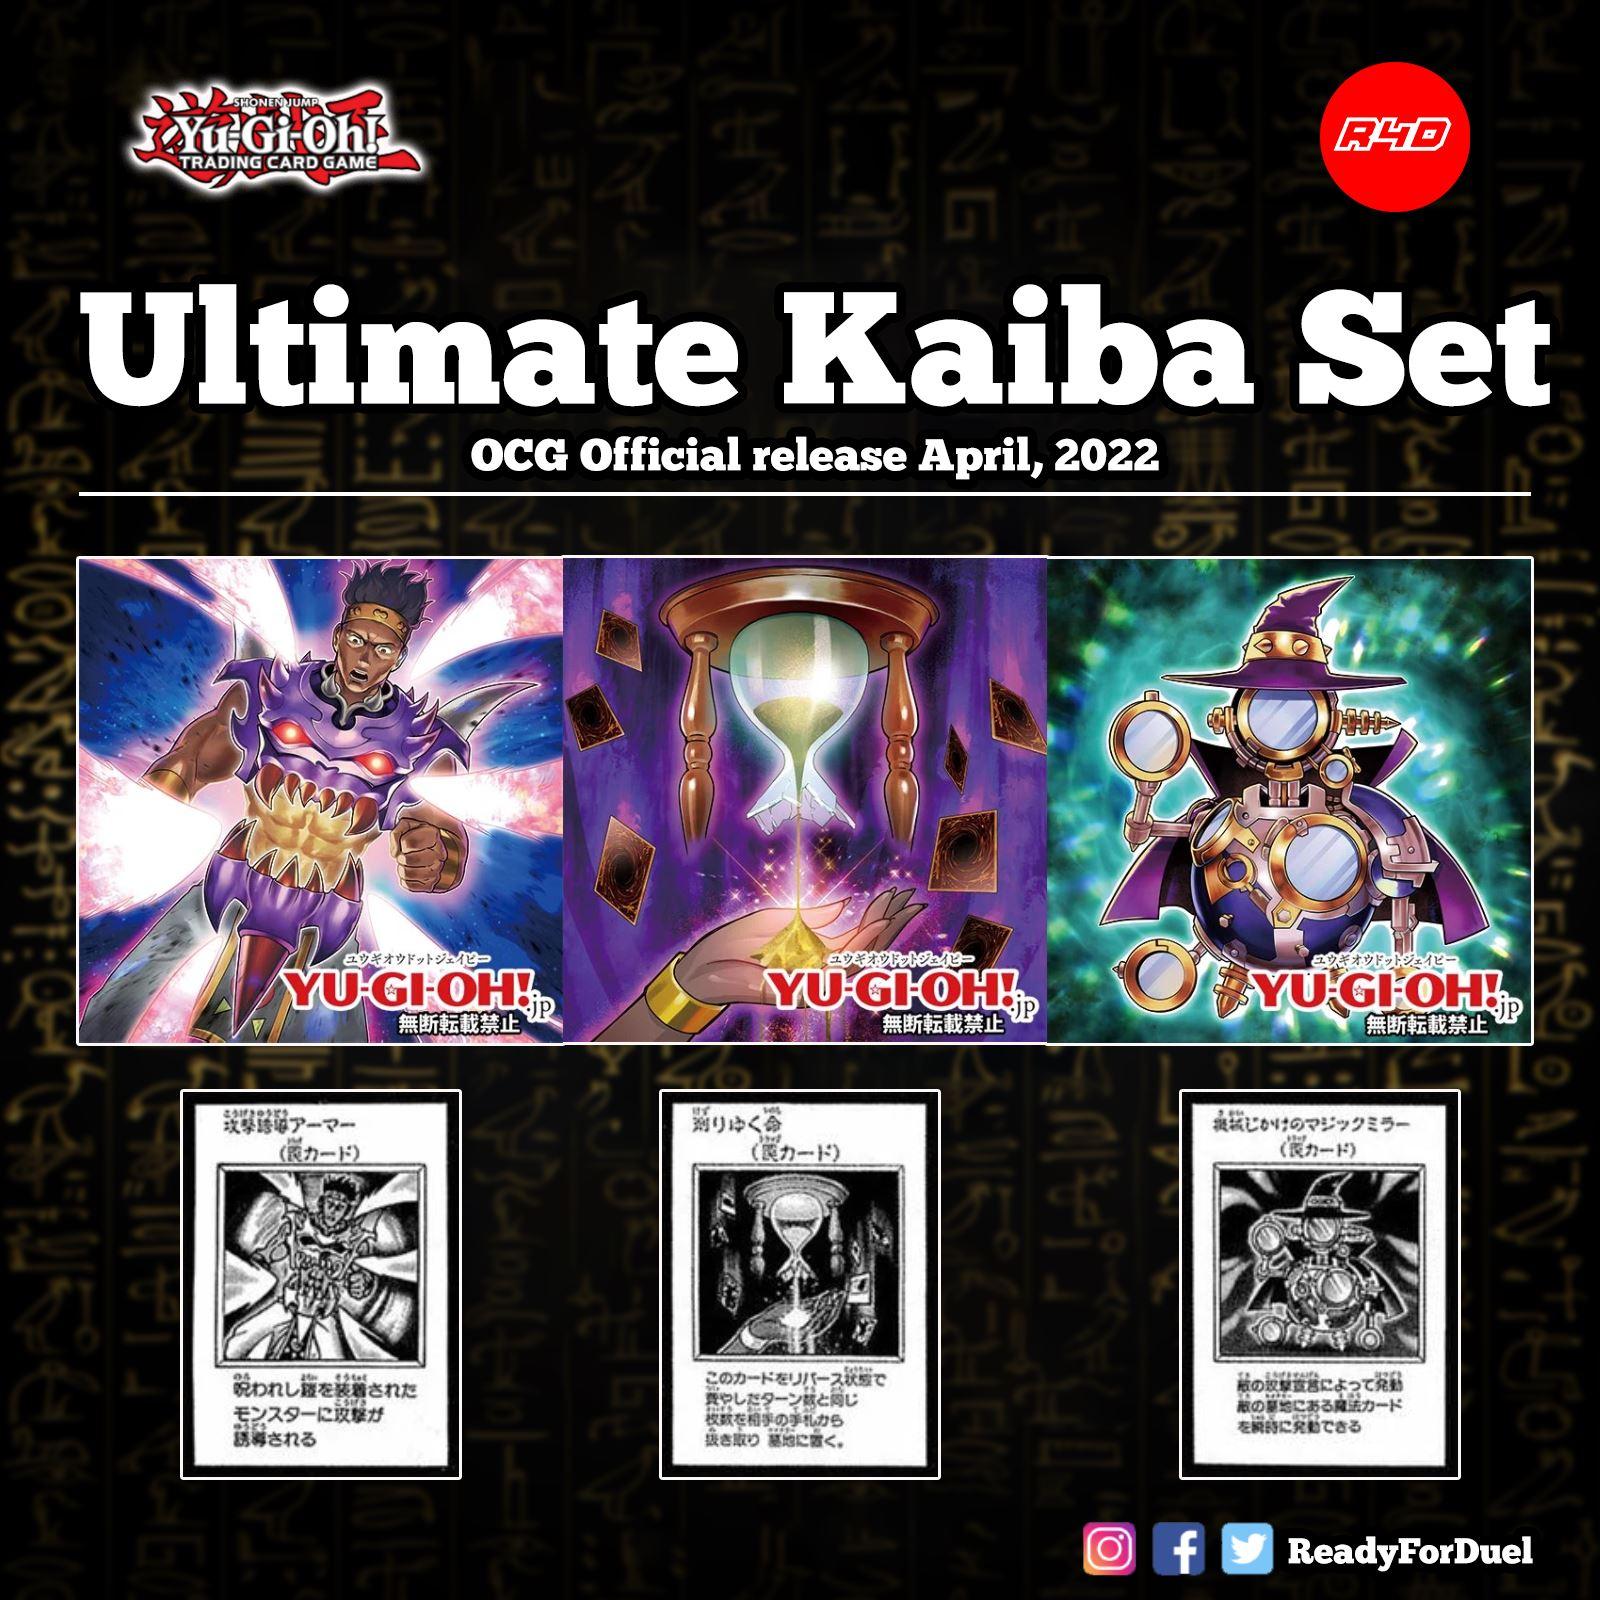 Yu-Gi-Oh! anunció el lanzamiento del maletín de Seto Kaiba por su 25 aniversario 1